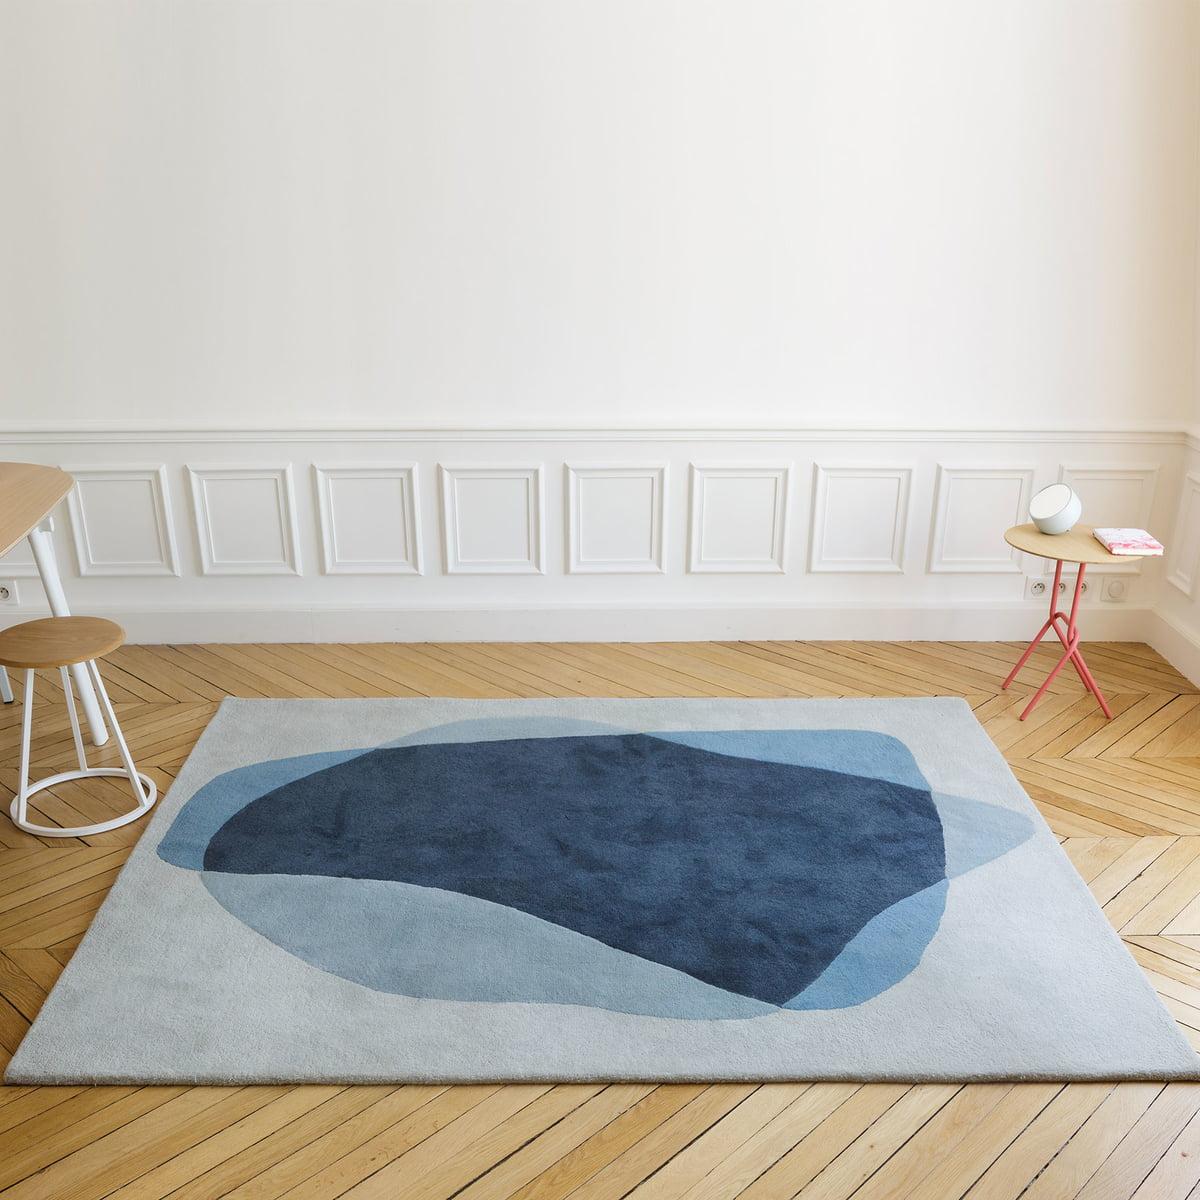 Teppich mediterran blau for Schoner wohnen janne